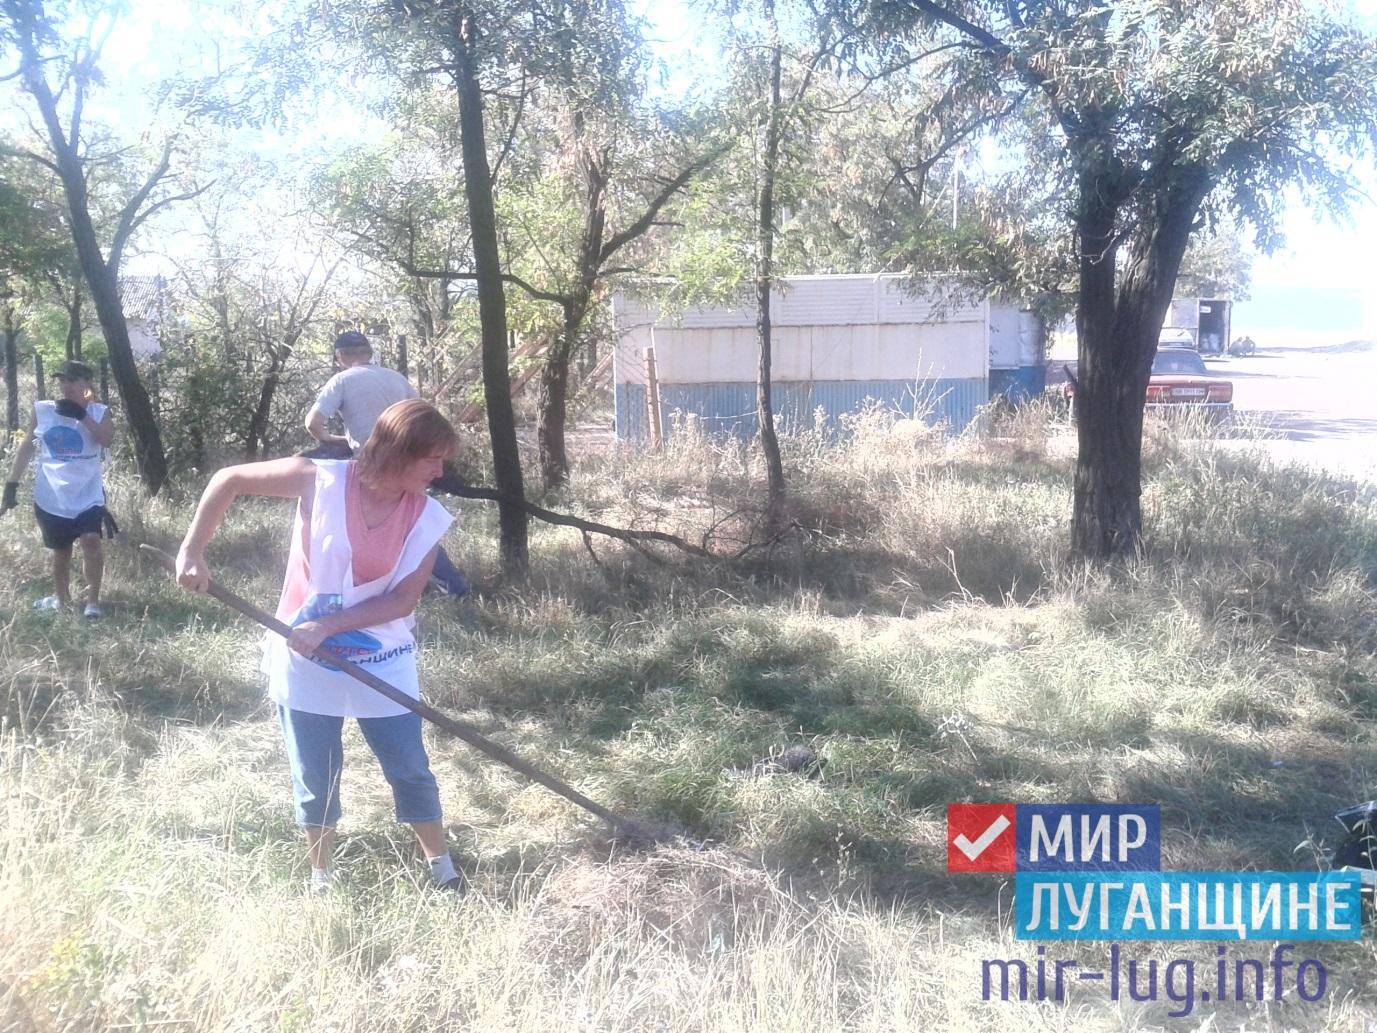 Активисты ОД «Мир Луганщине» убрали мусор в парковой зоне города Вахрушево 1